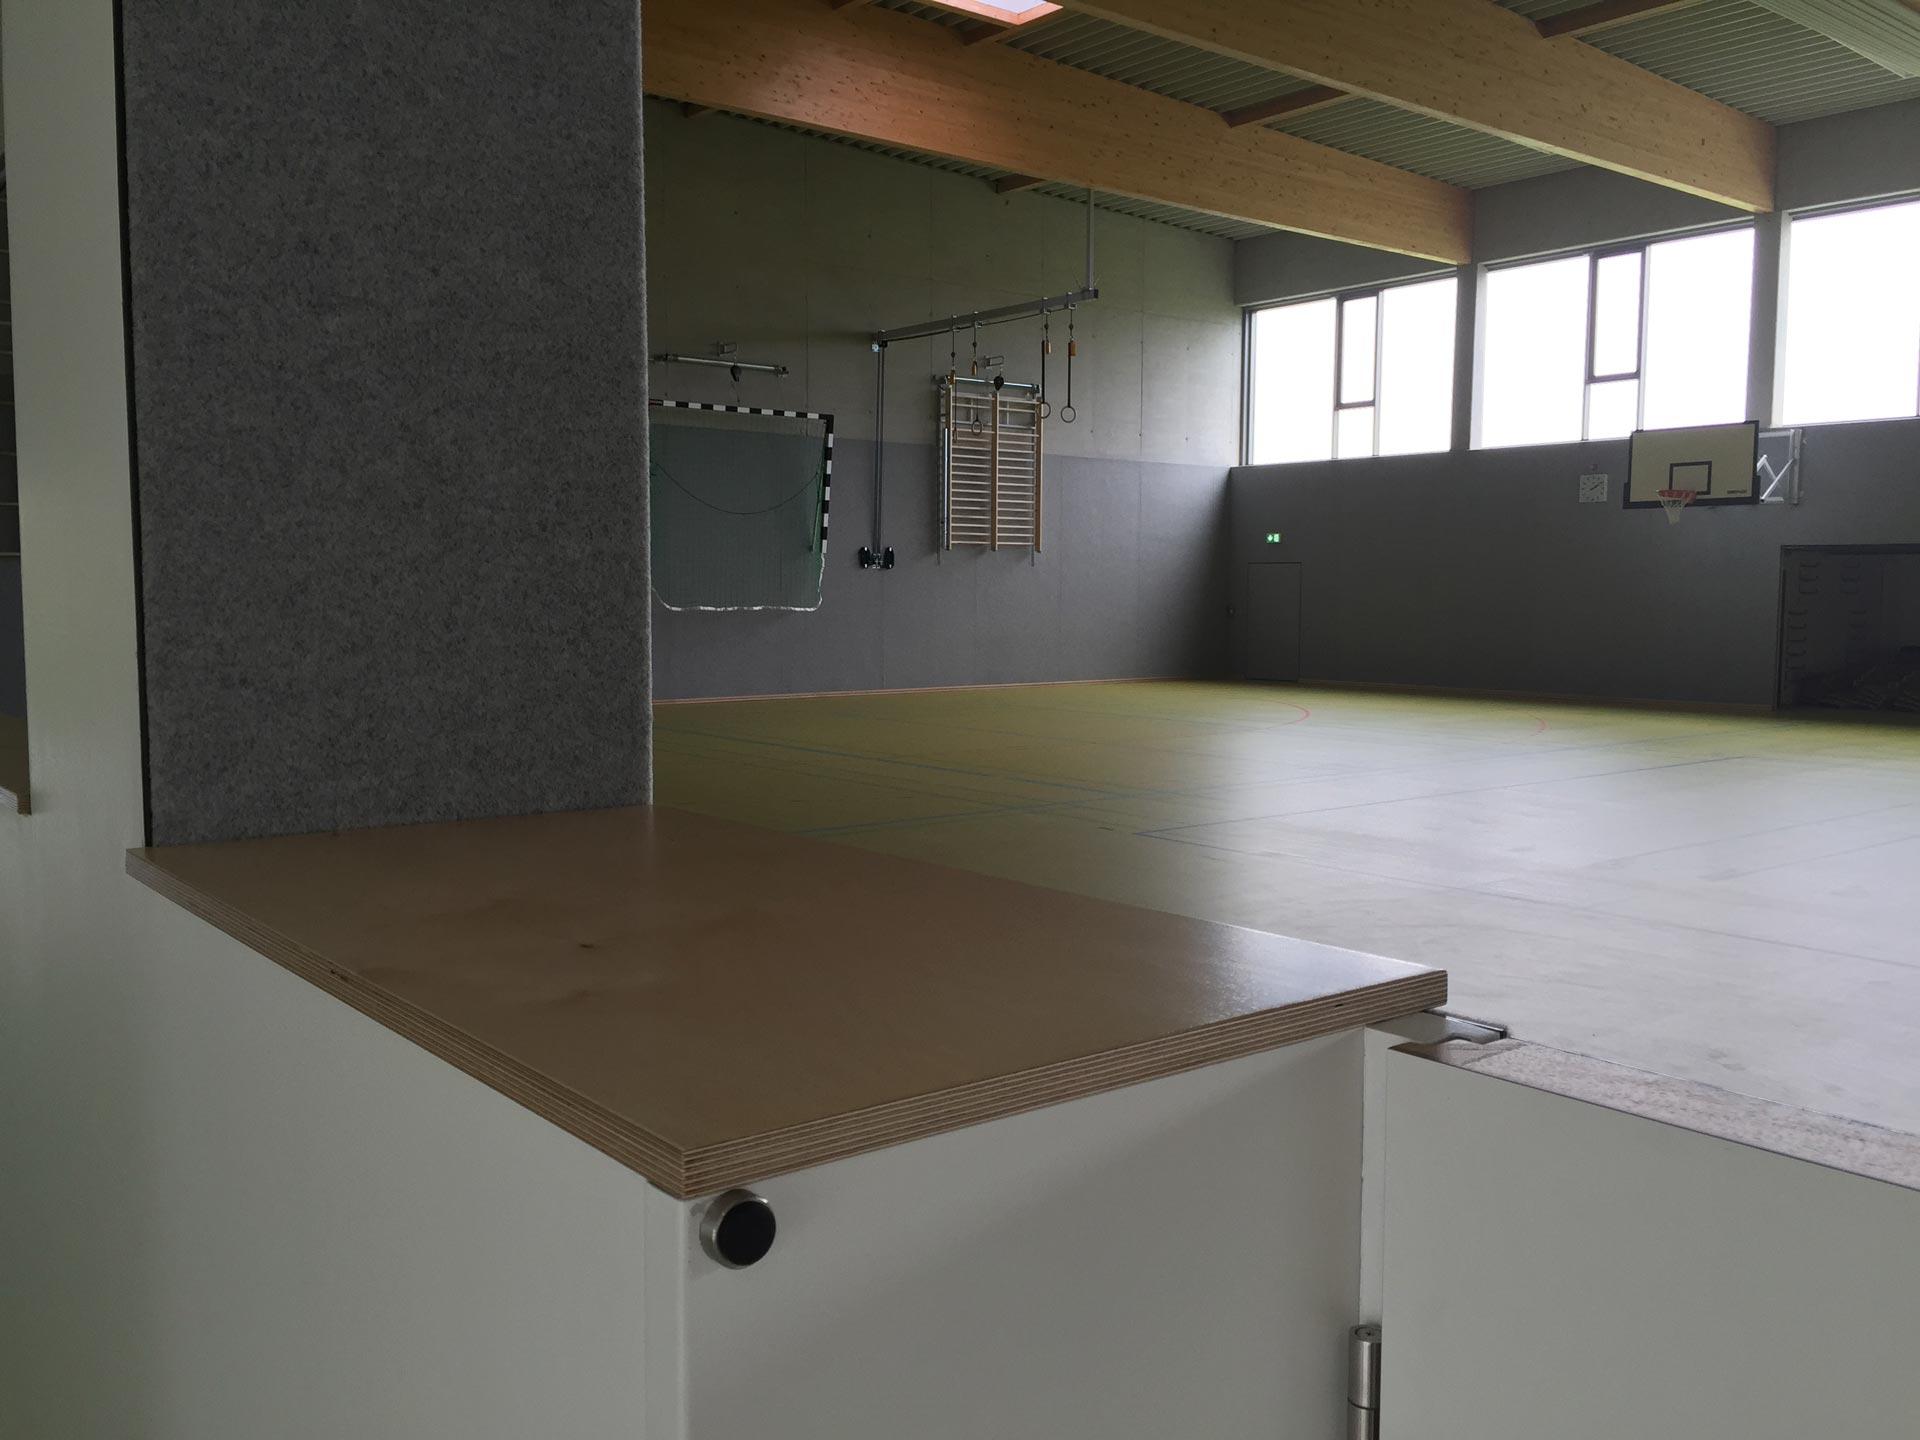 Tischlerei-Baeumer-Altenberge_Sporthalle-Albersloh_03